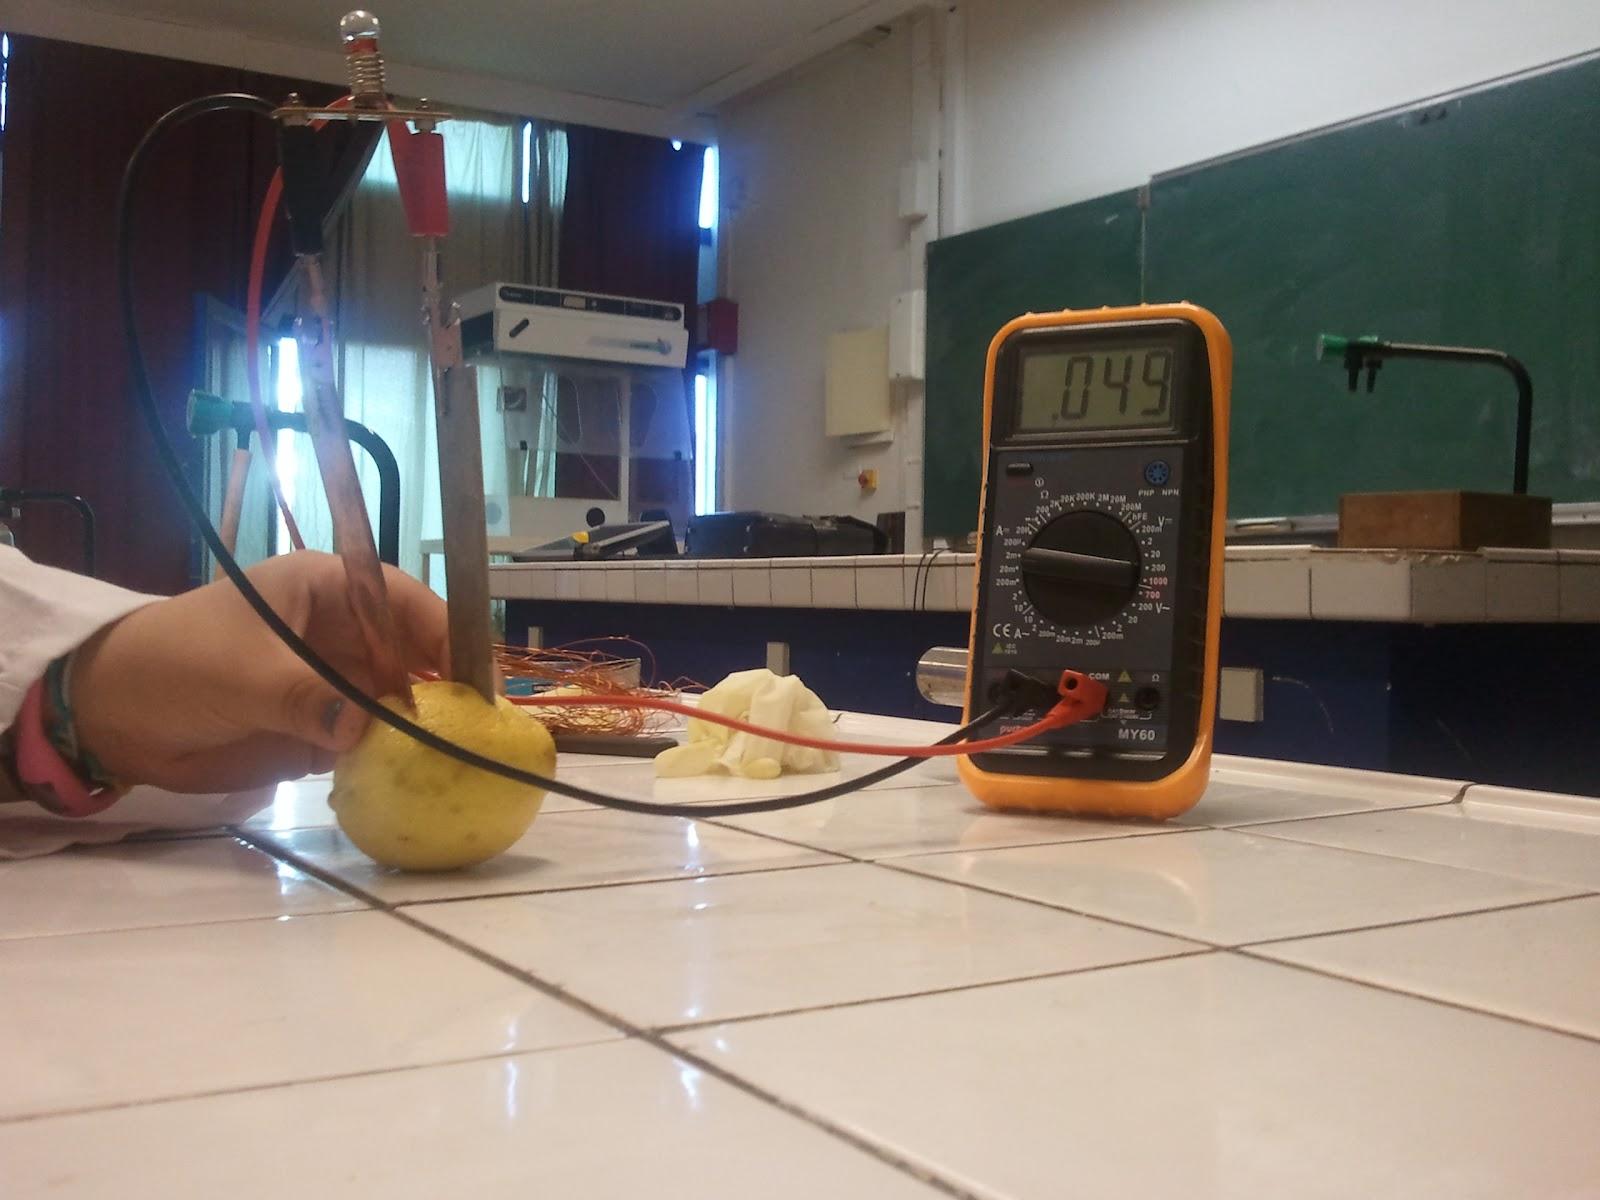 intensité amper pour recharger téléphone